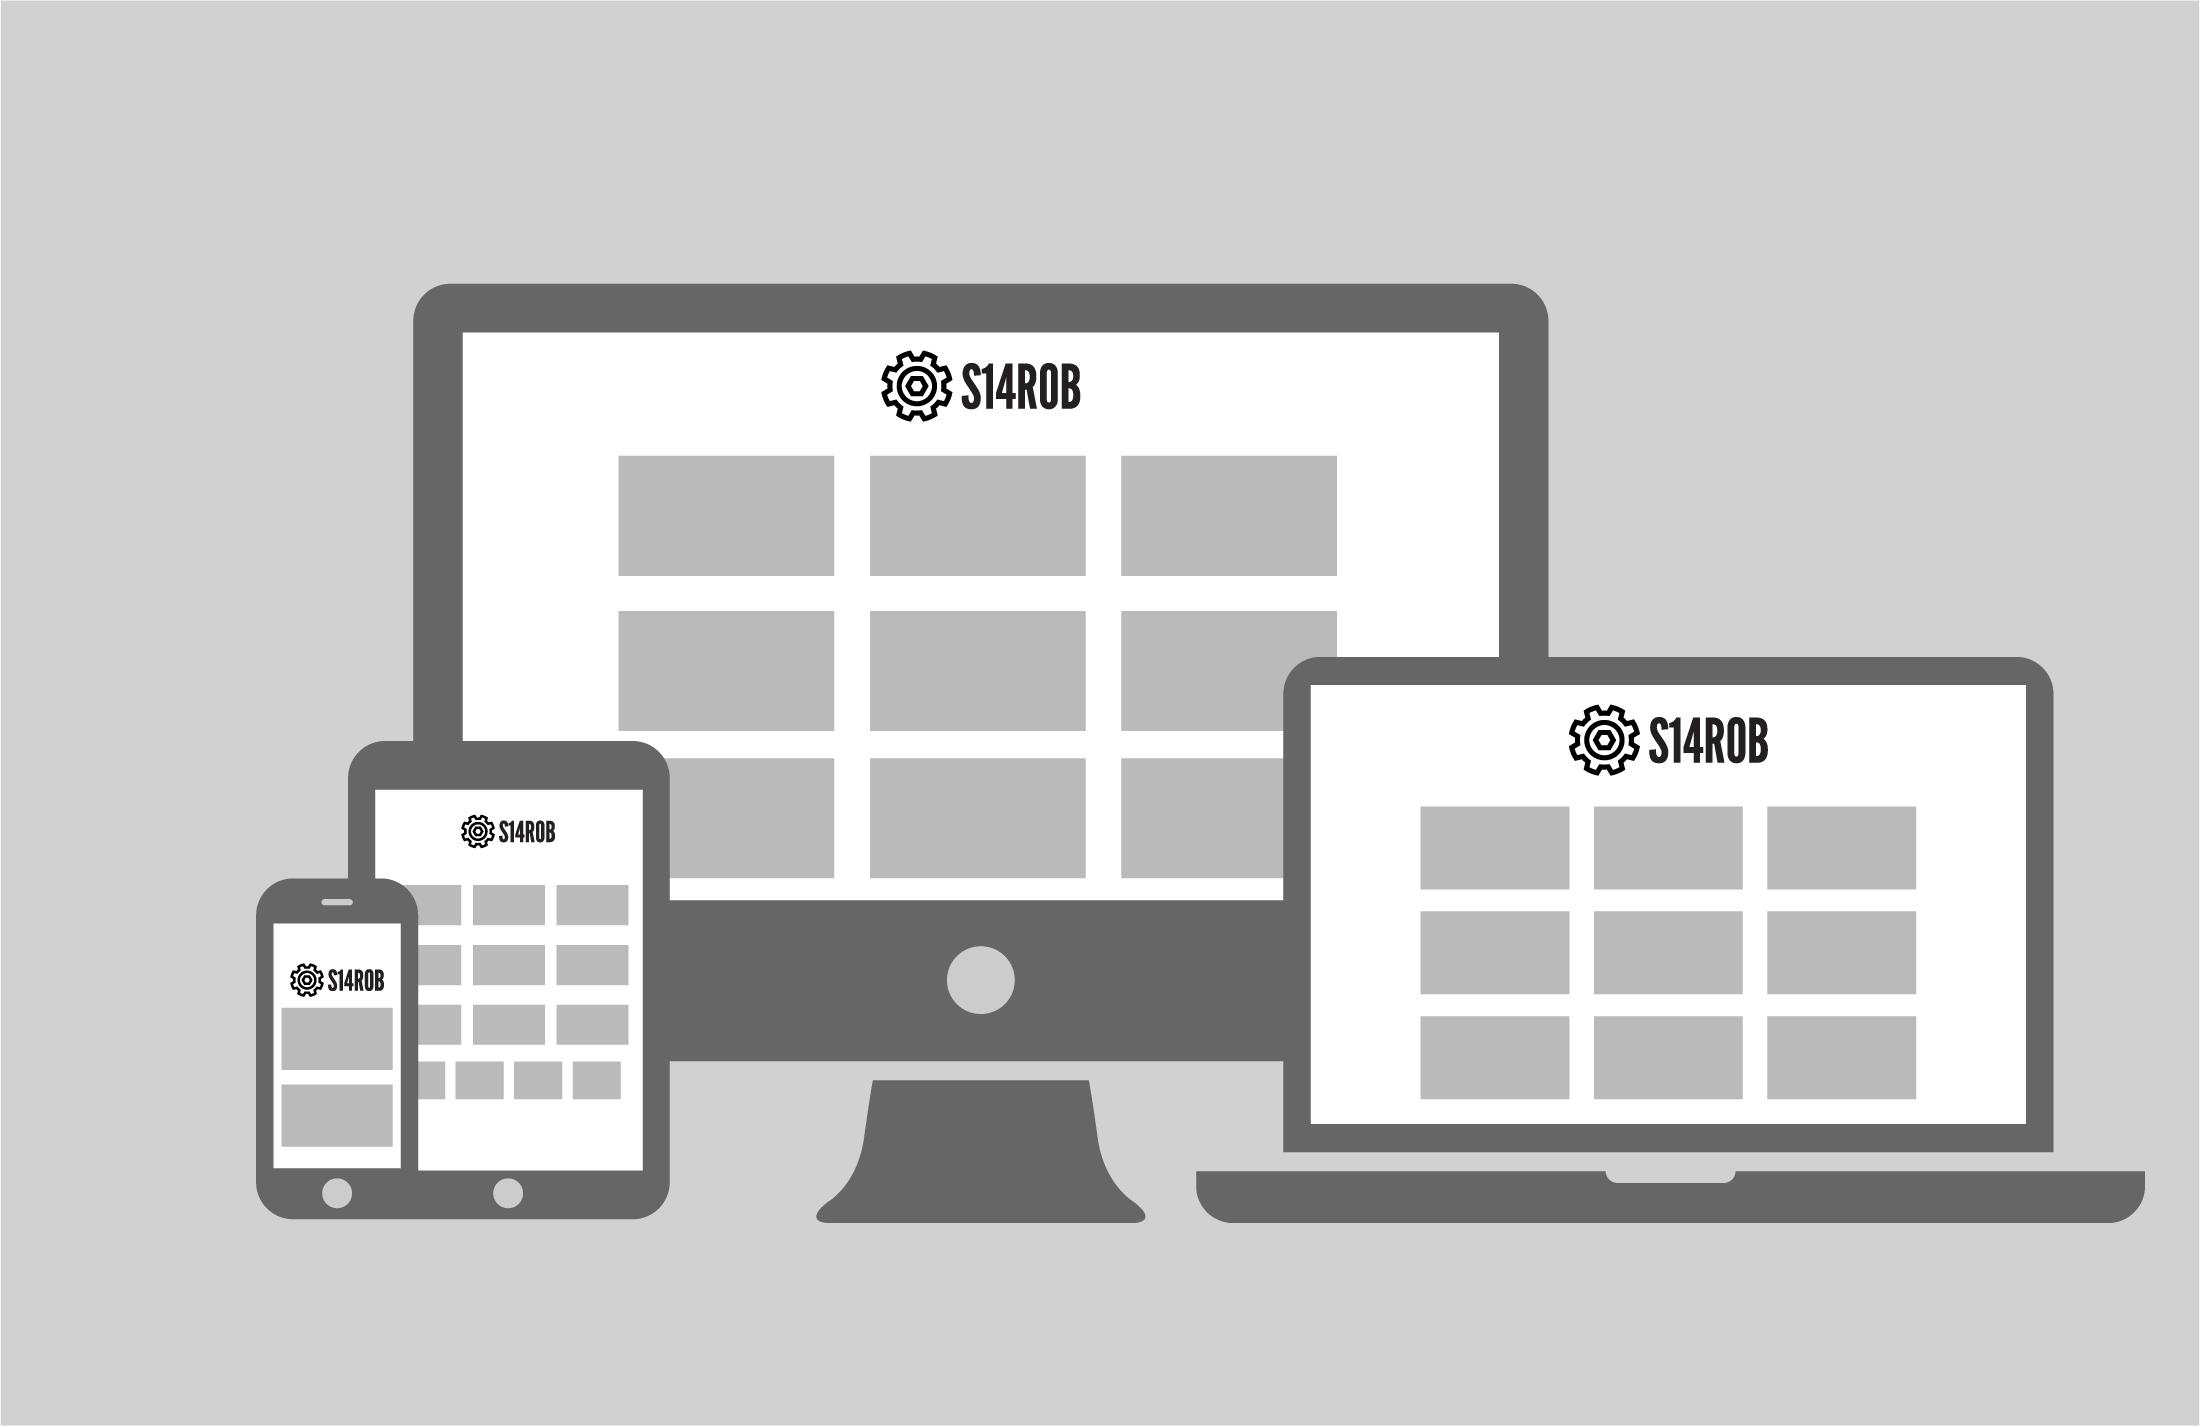 S14Rob.com is a responsive website.